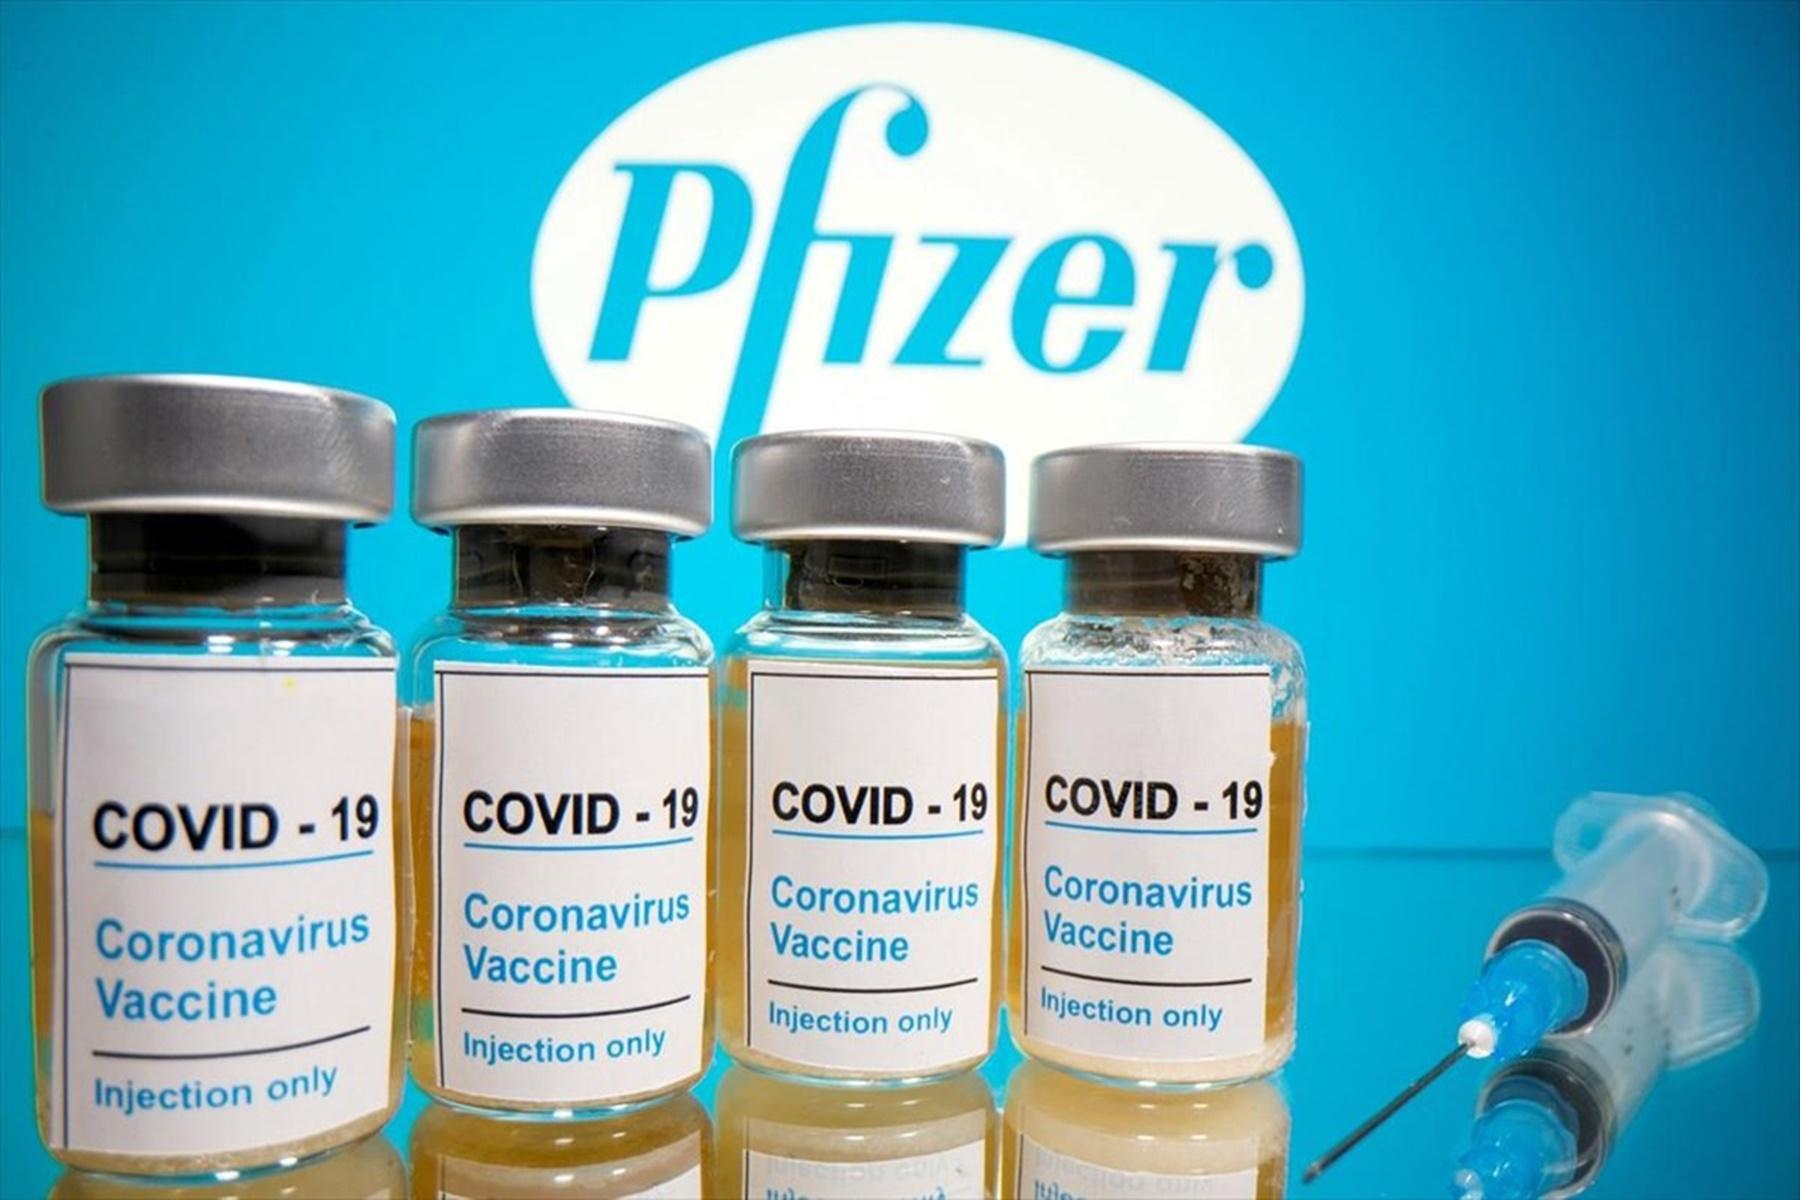 Μελέτη ΕΚΠΑ: Τα 9 ευρήματα για το εμβόλιο των Pfizer/BioNTech